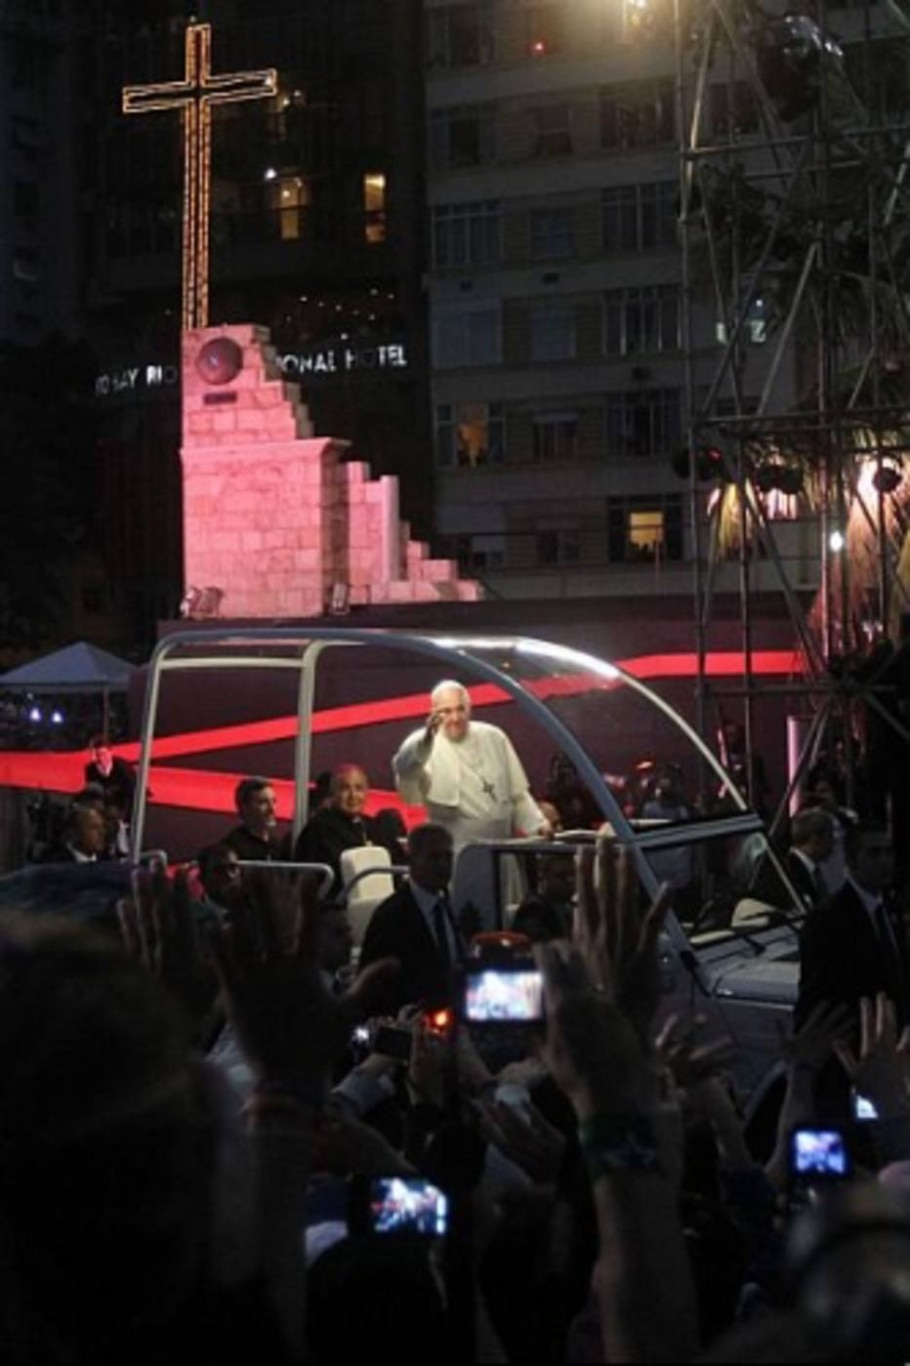 Fiéis acompanham a via-sacra em Copacabana - Evelson de Freitas/AE